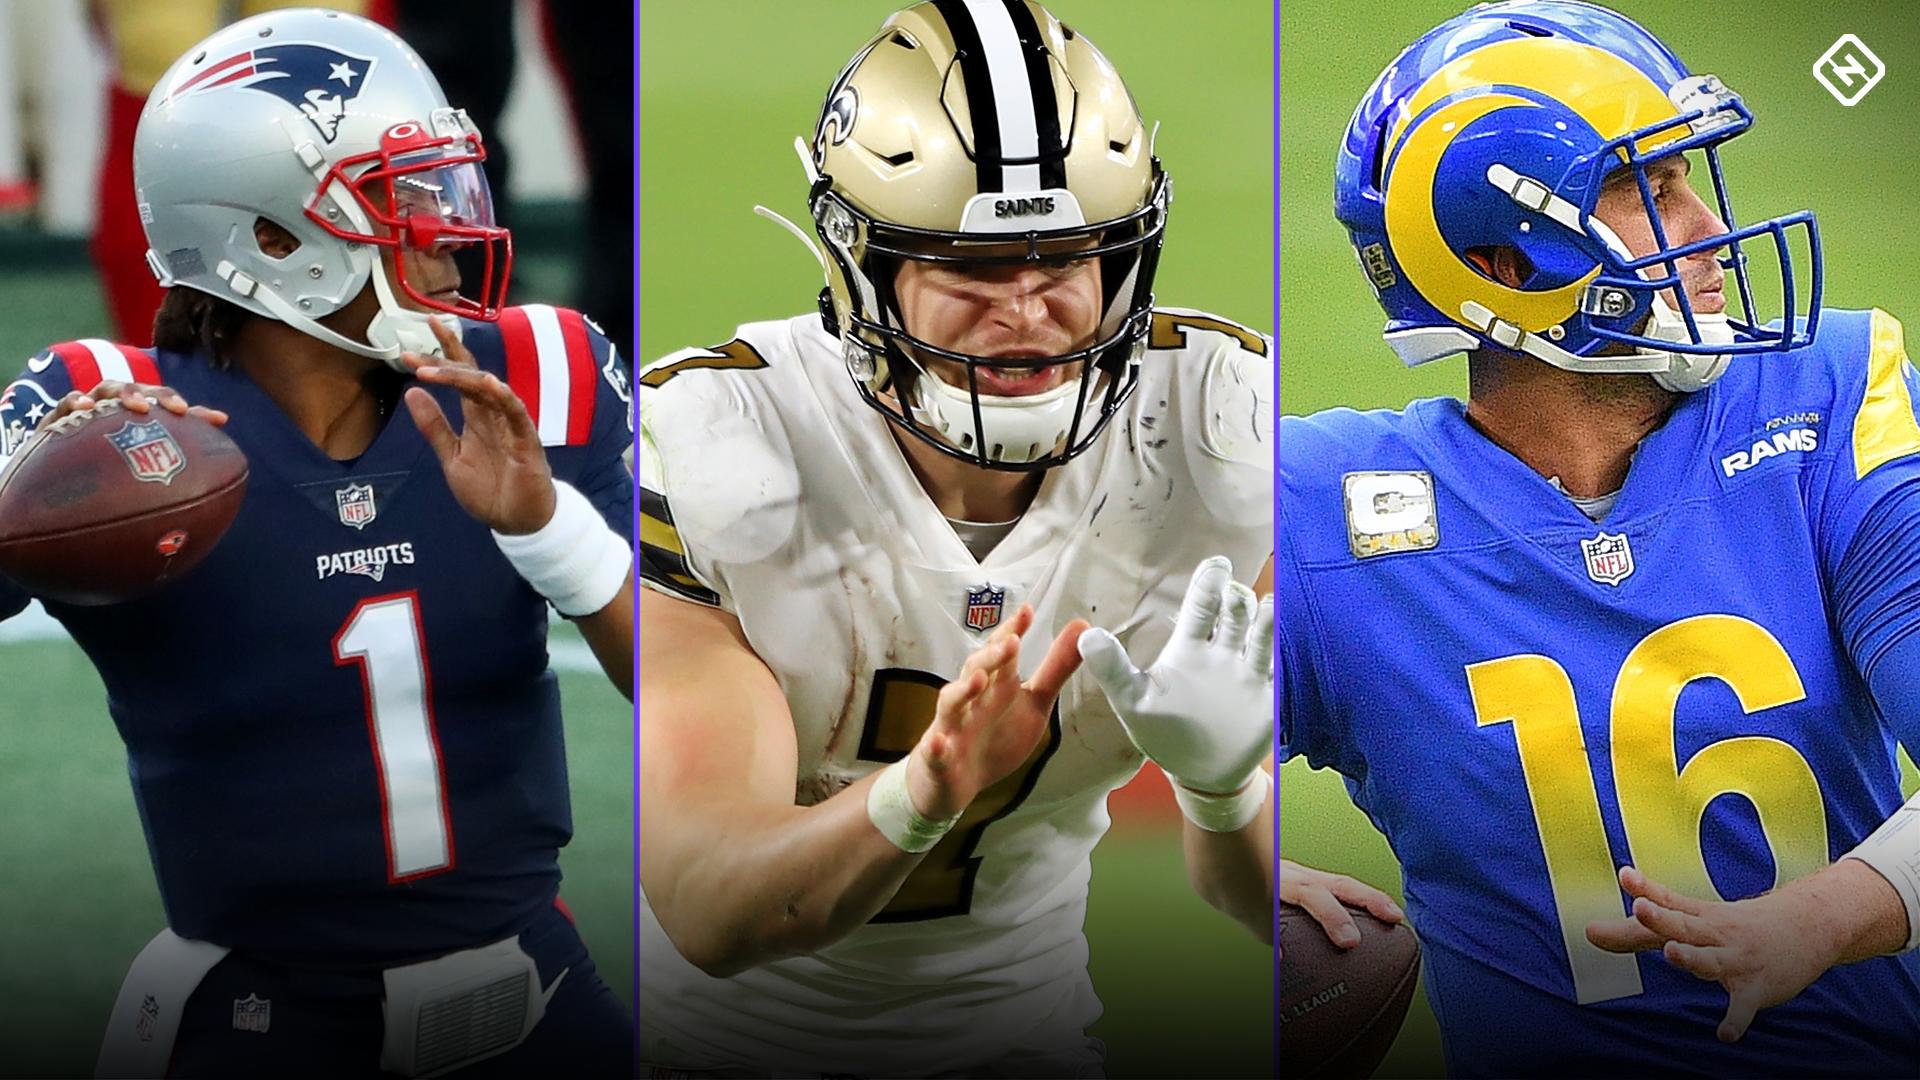 Week 15 NFL Pick 'em, Survivor Pool Picks: Expert advice on favorites, upsets to consider in office pools